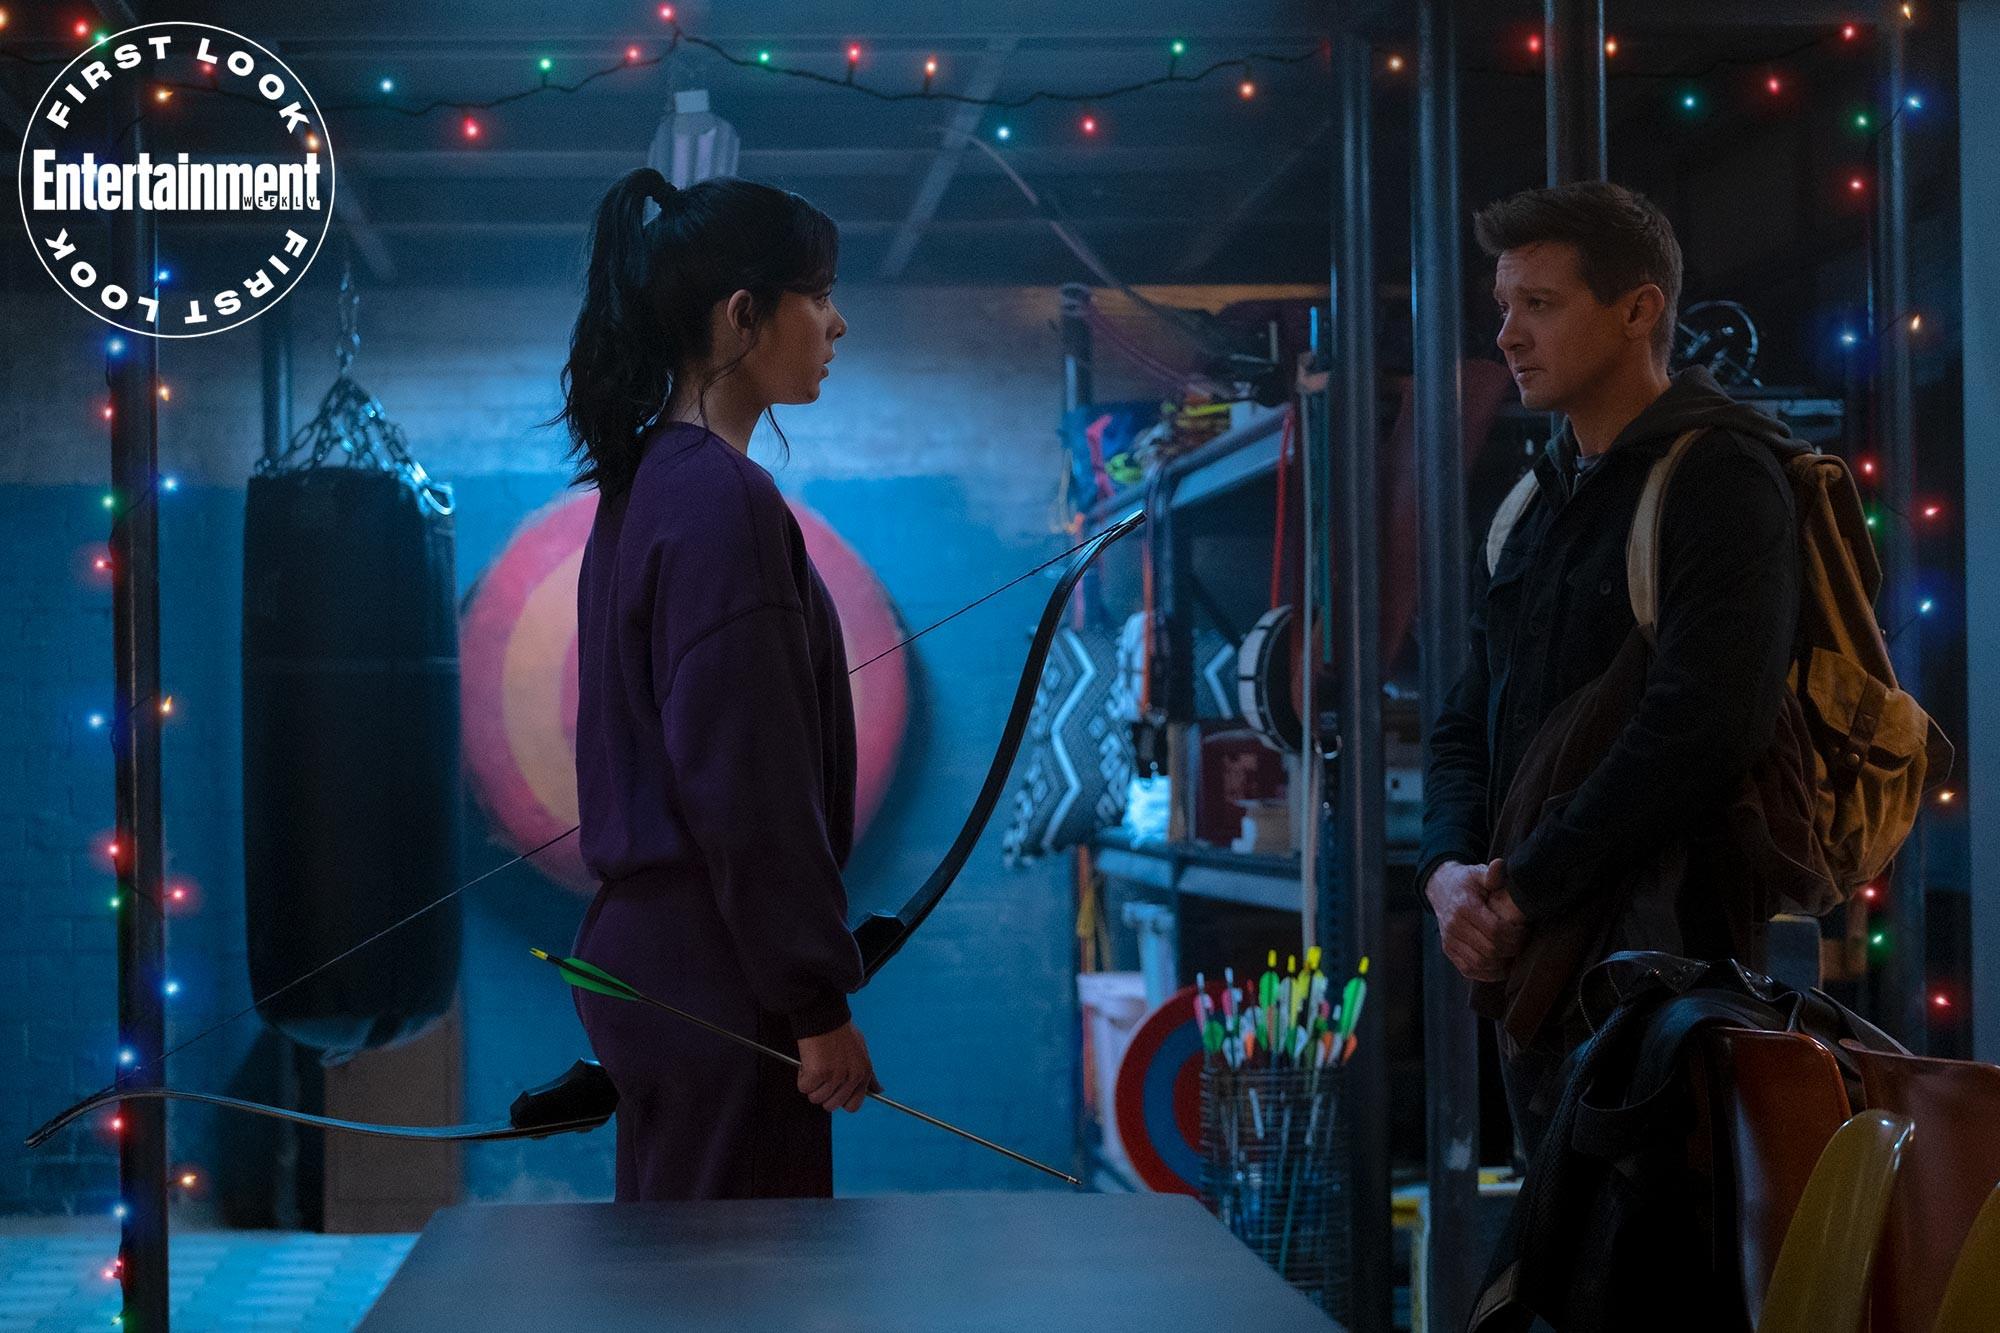 Kate Bishop (Hailee Steinfeld) i Hawkeye/Clint Barton (Jeremy Renner) w serialu Hawkeye